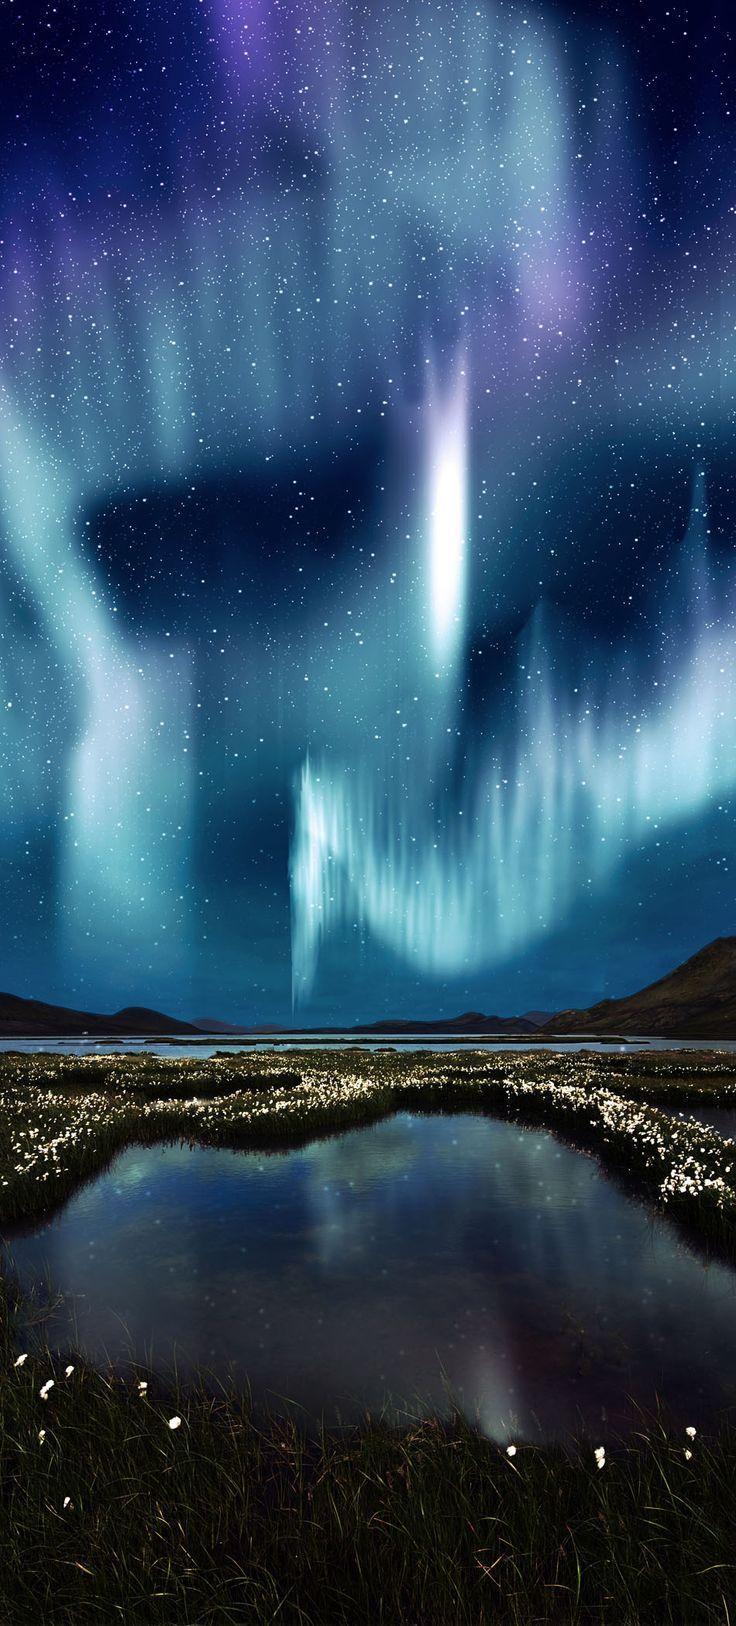 La luz del Norte sobre el paisaje de pantano con flores silvestres en Landmannarlaugar, Islandia |